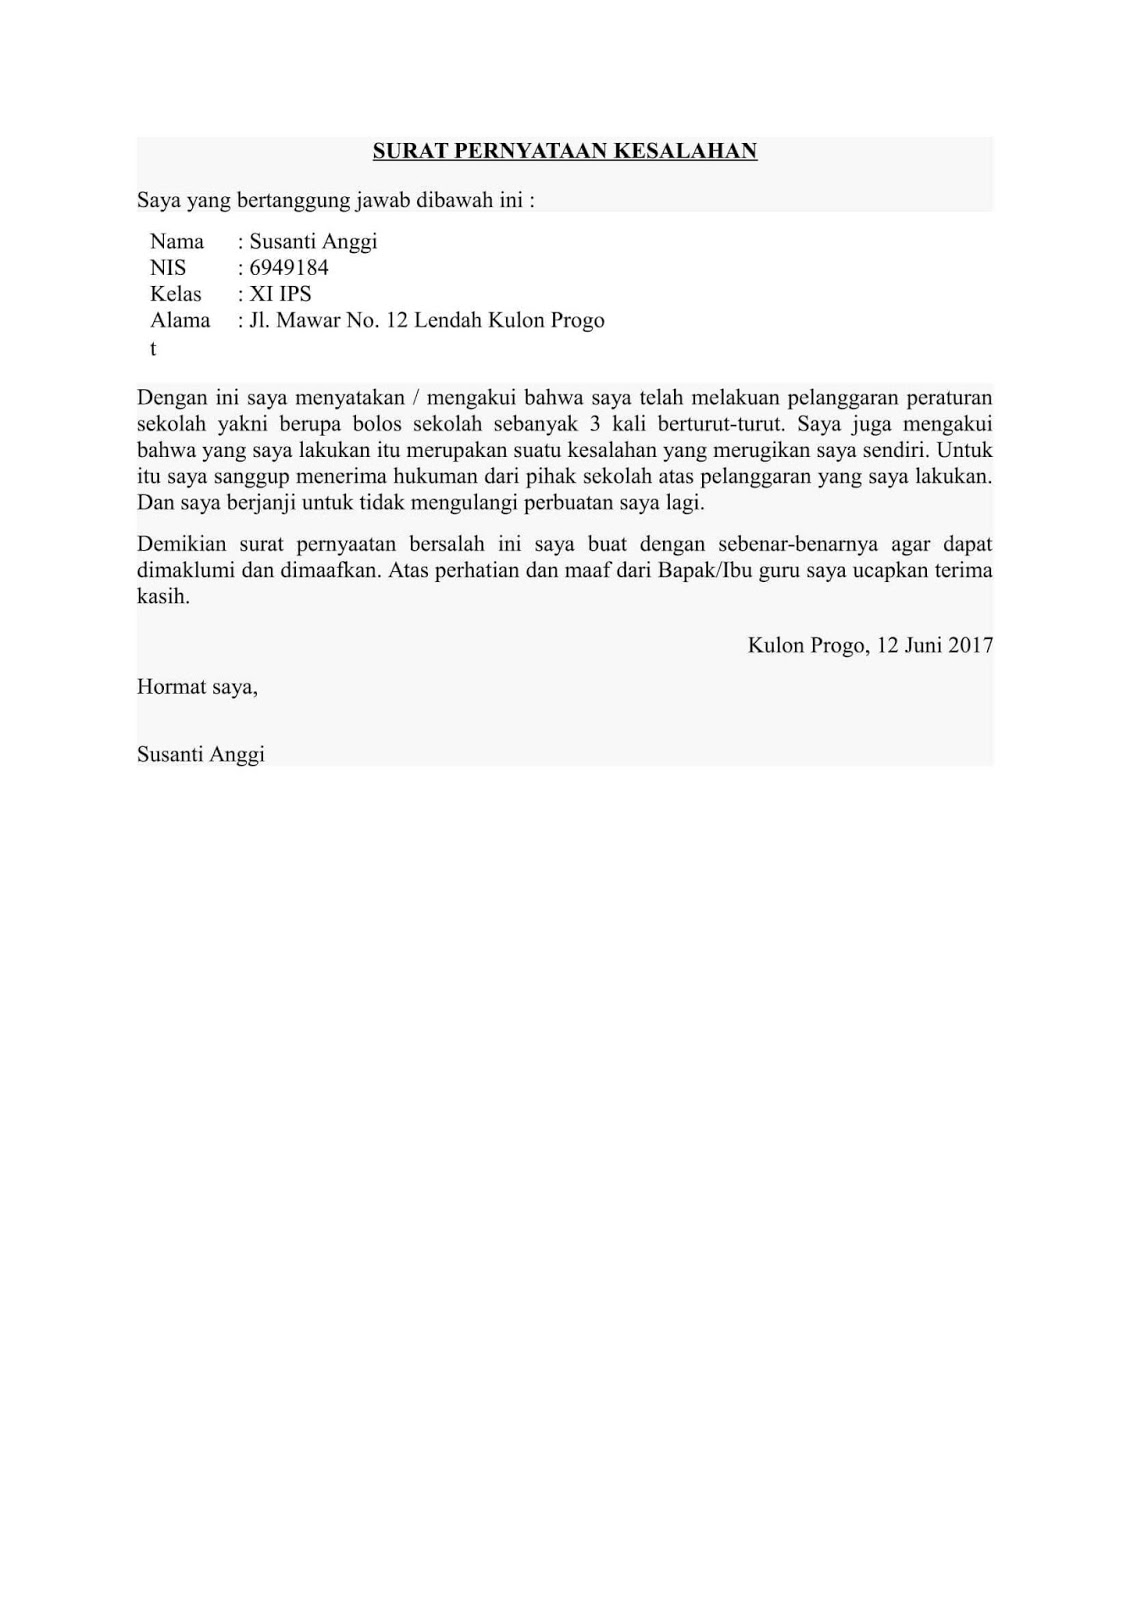 Contoh Surat Pernyataan Kesalahan